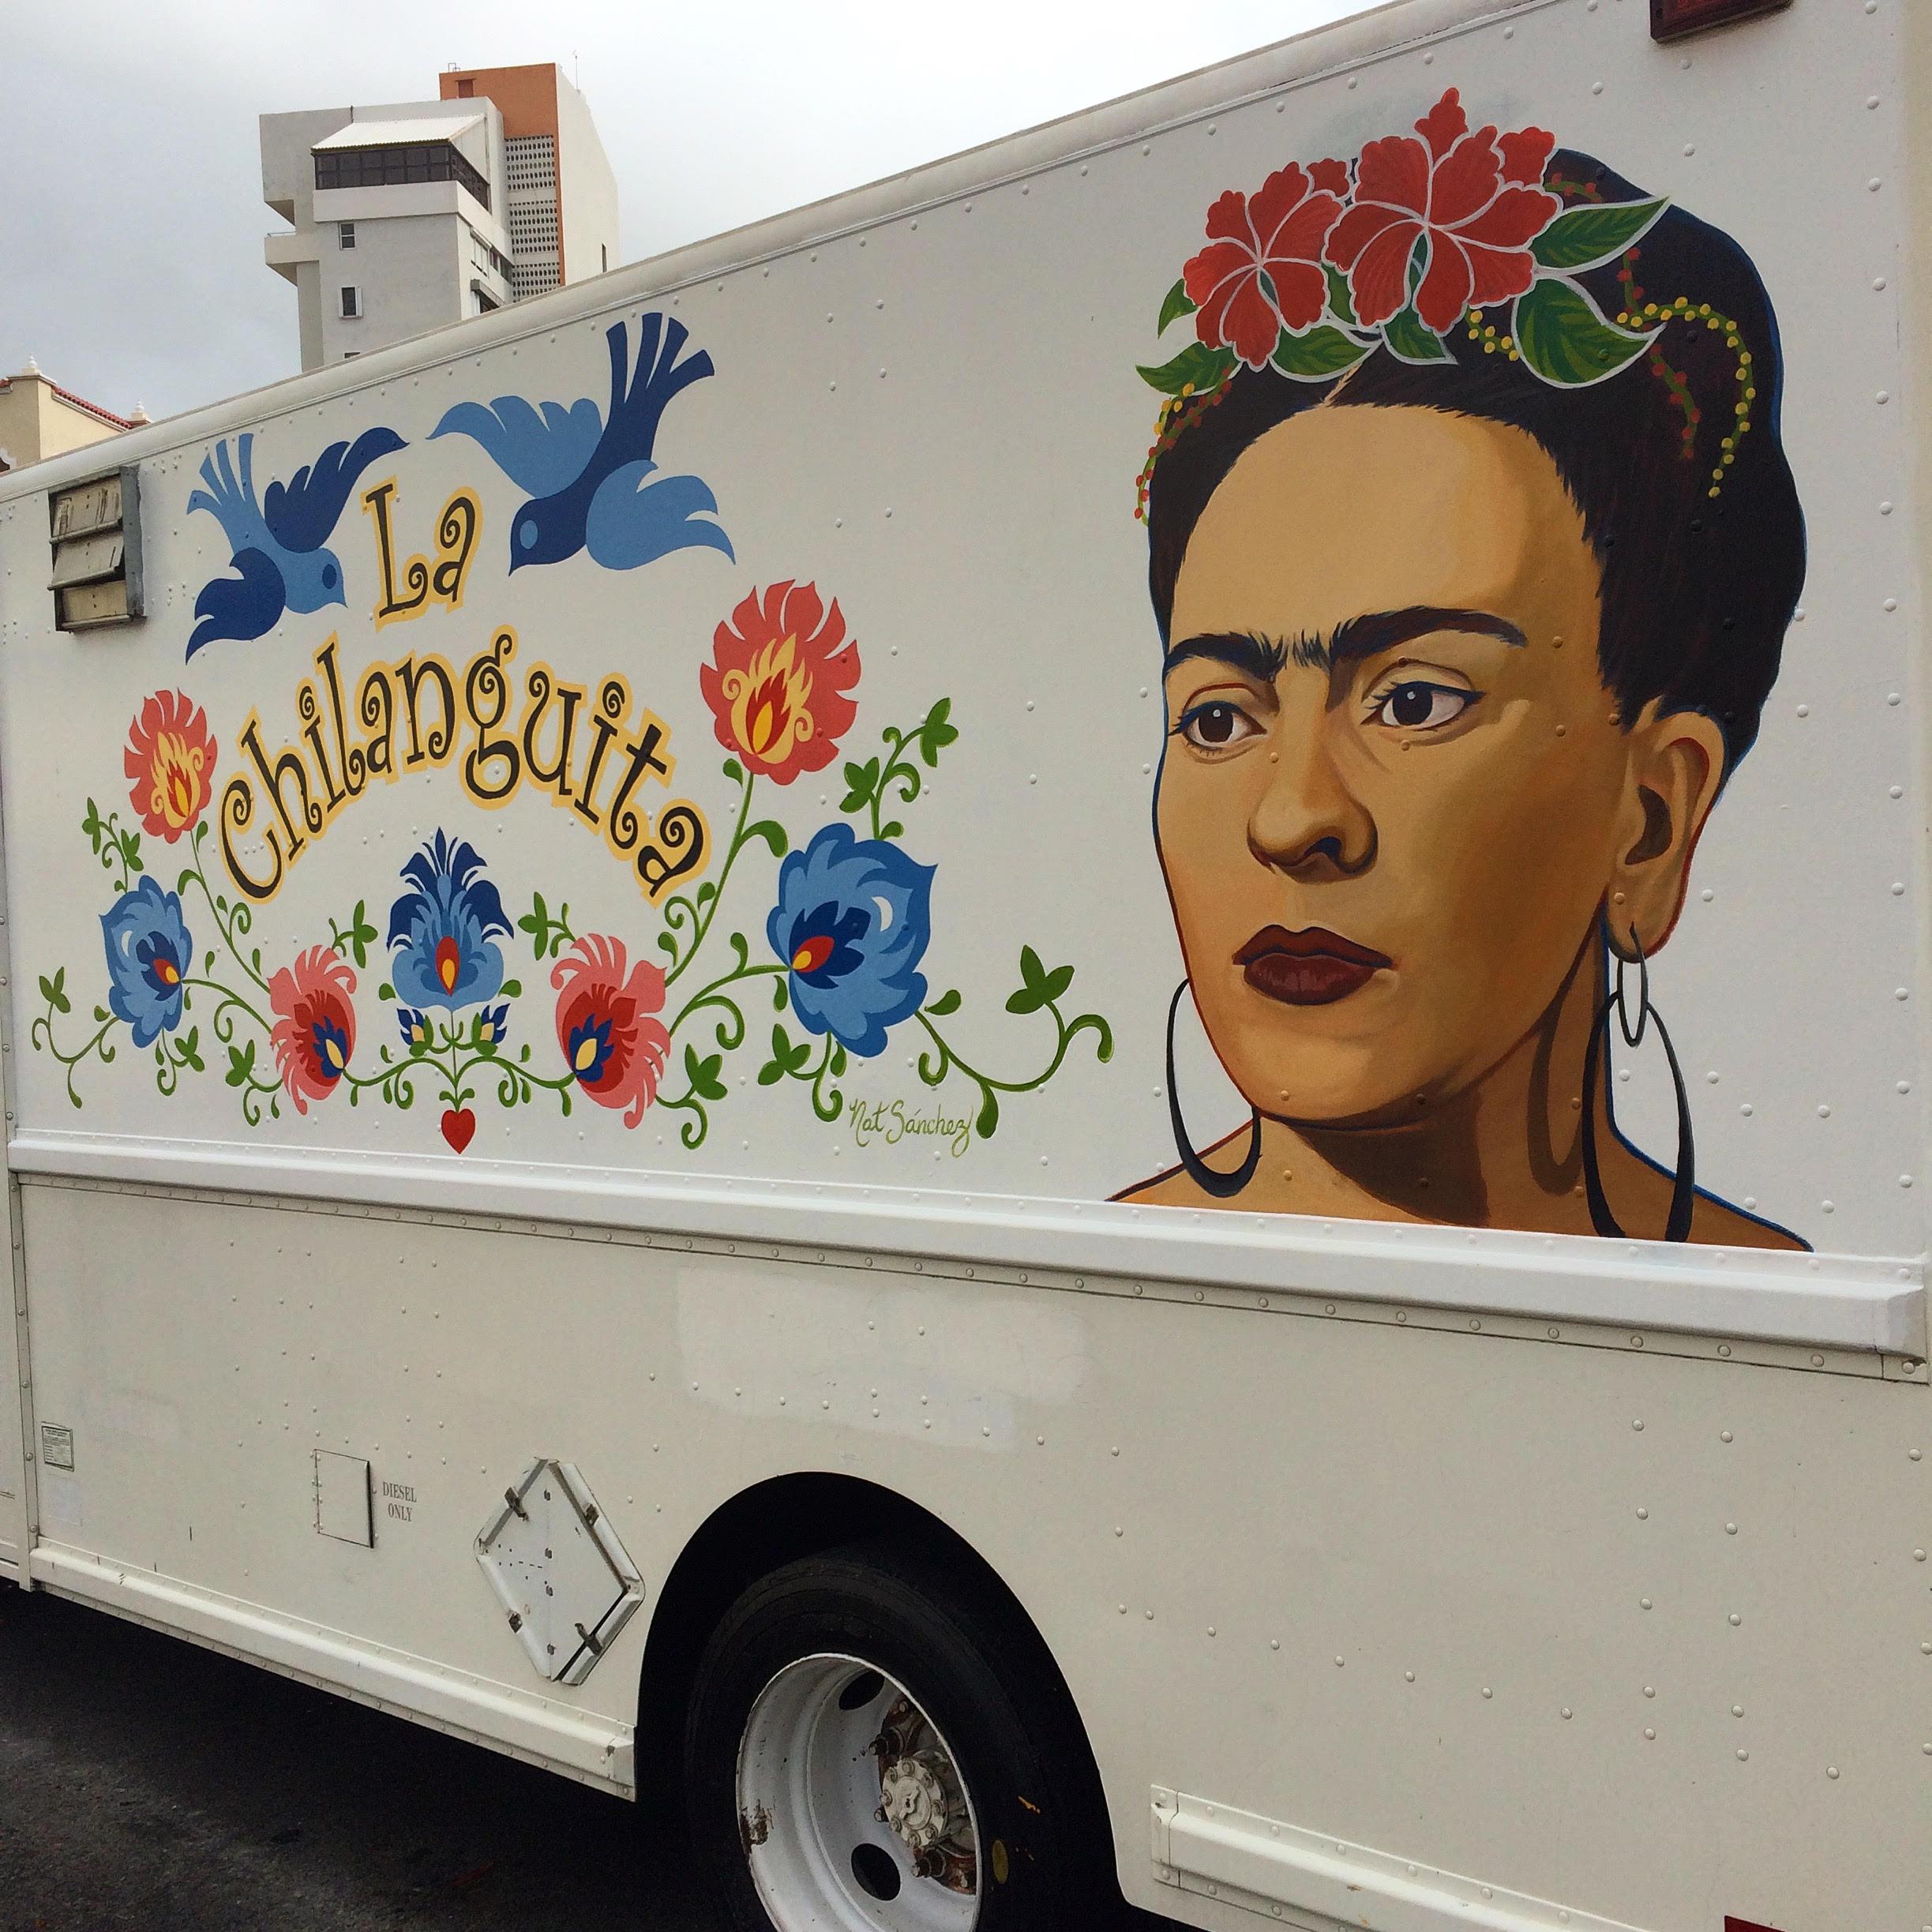 La Chilanguita Food Truck (2017) - Miramar, PR